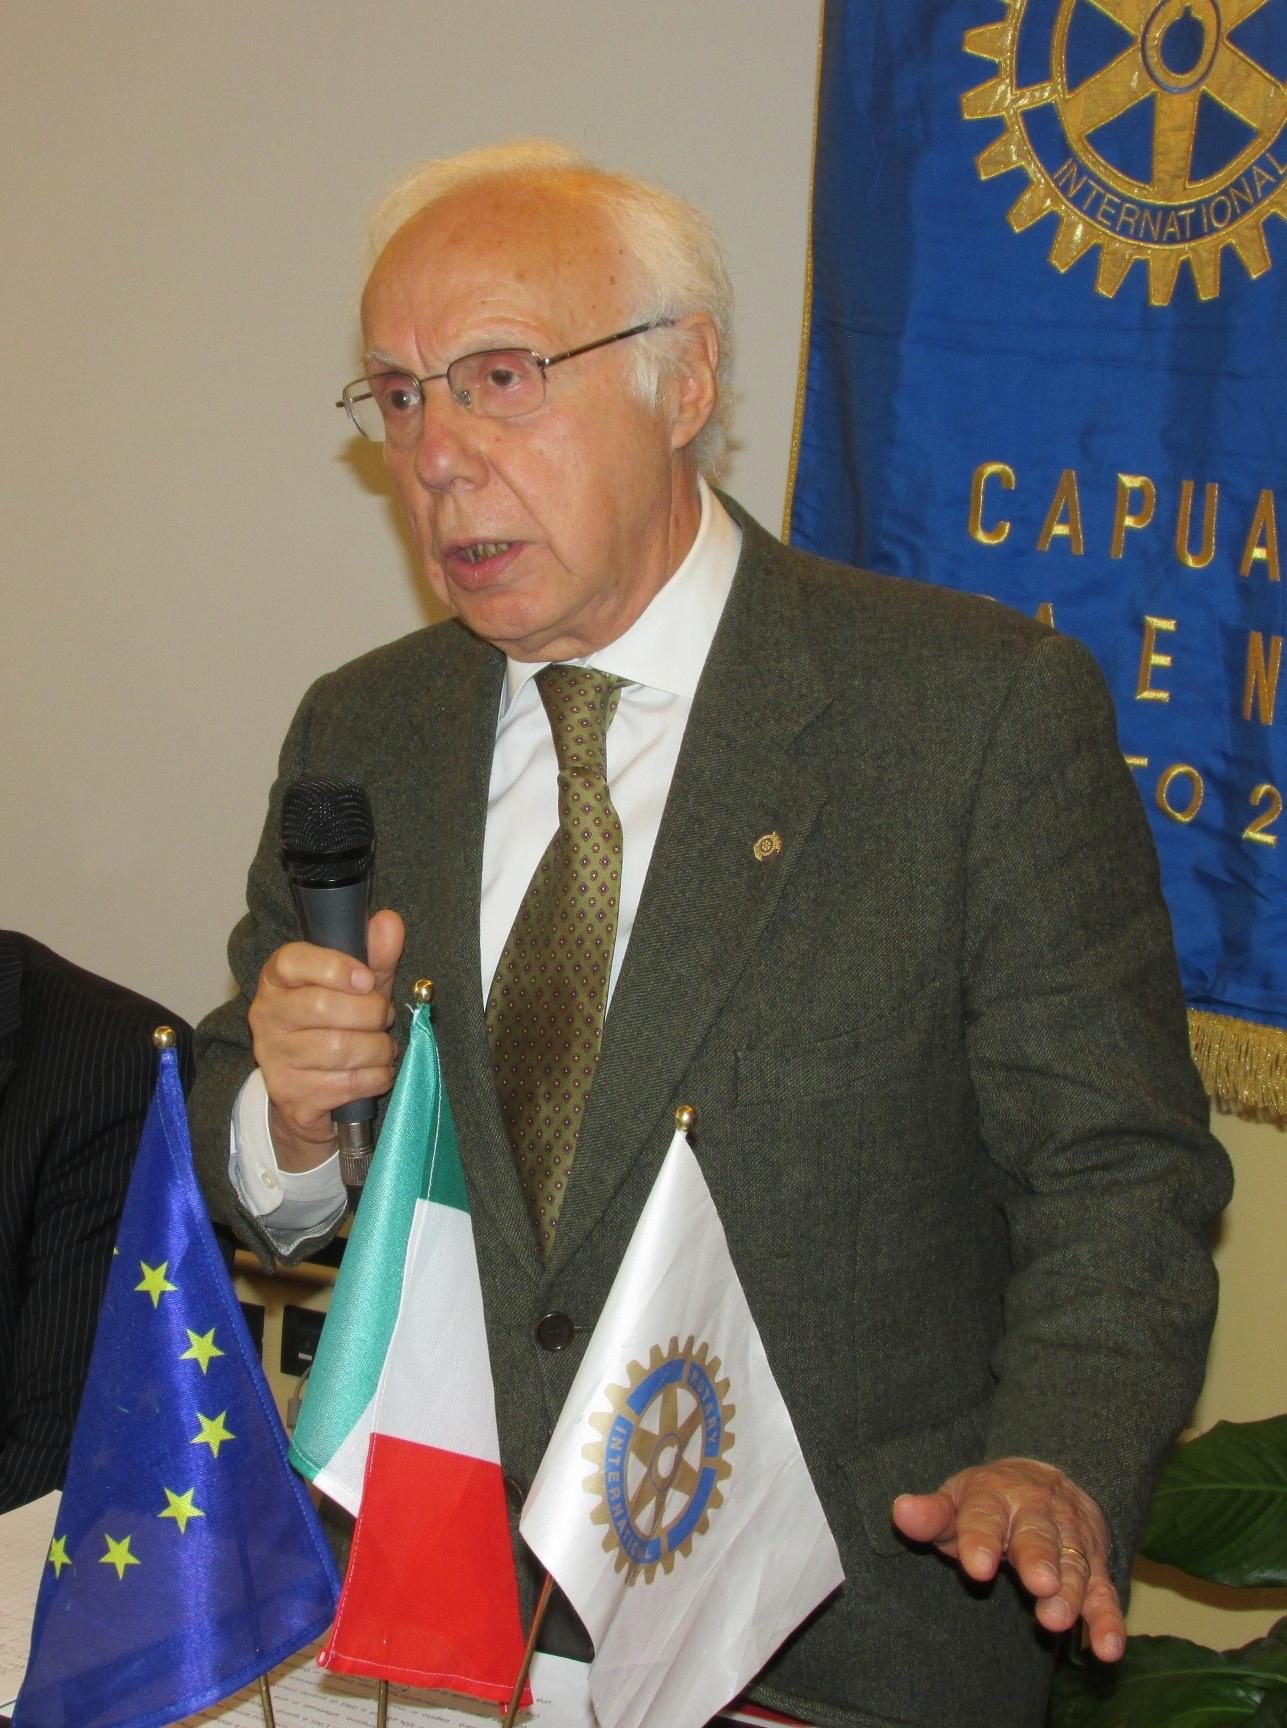 Ass. PALASCIANO Il presidente Antonio Citarella